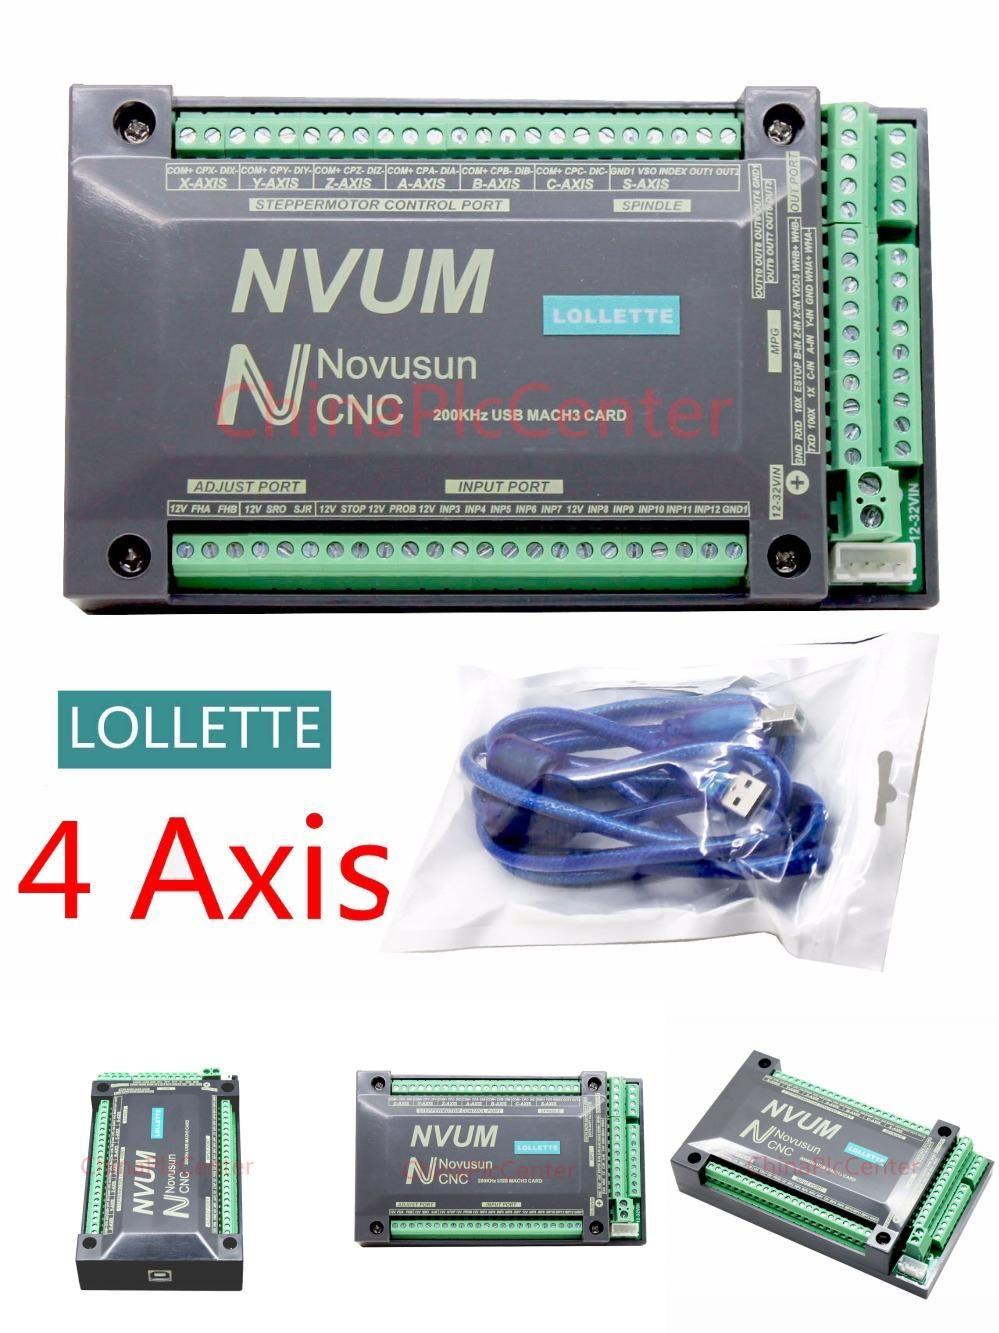 【DE】4 Axis 200KHZ USB Mach3 NVUM CNC Controller Motion Card for Stepper Motor